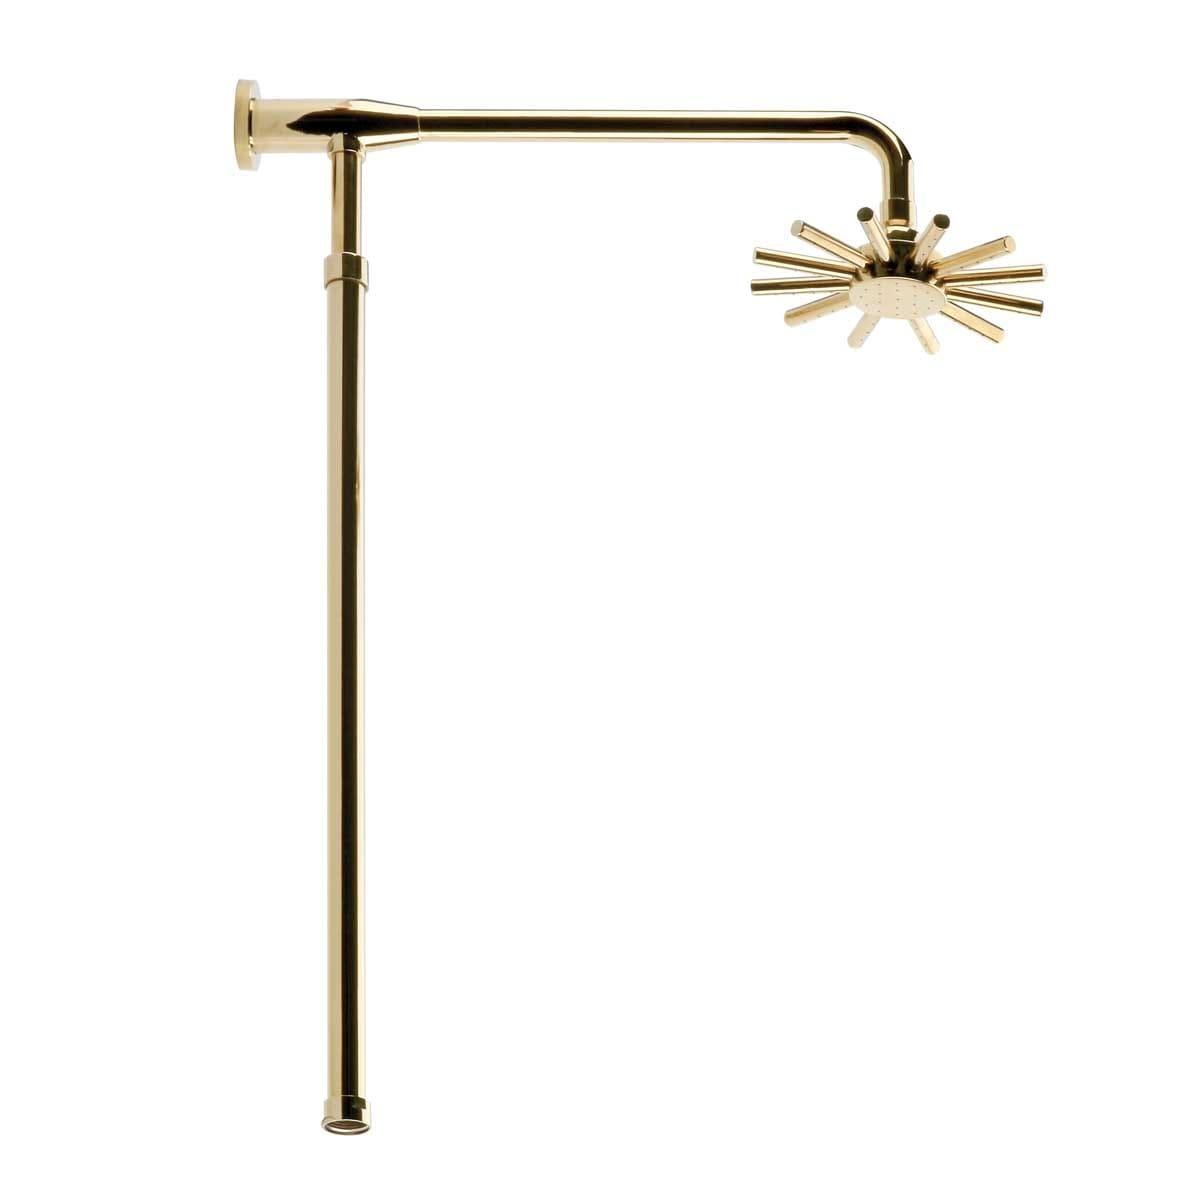 Golden Adjustable Shower Riser Rainfall Head Clawfoot Bath Tub Shower Faucet Part